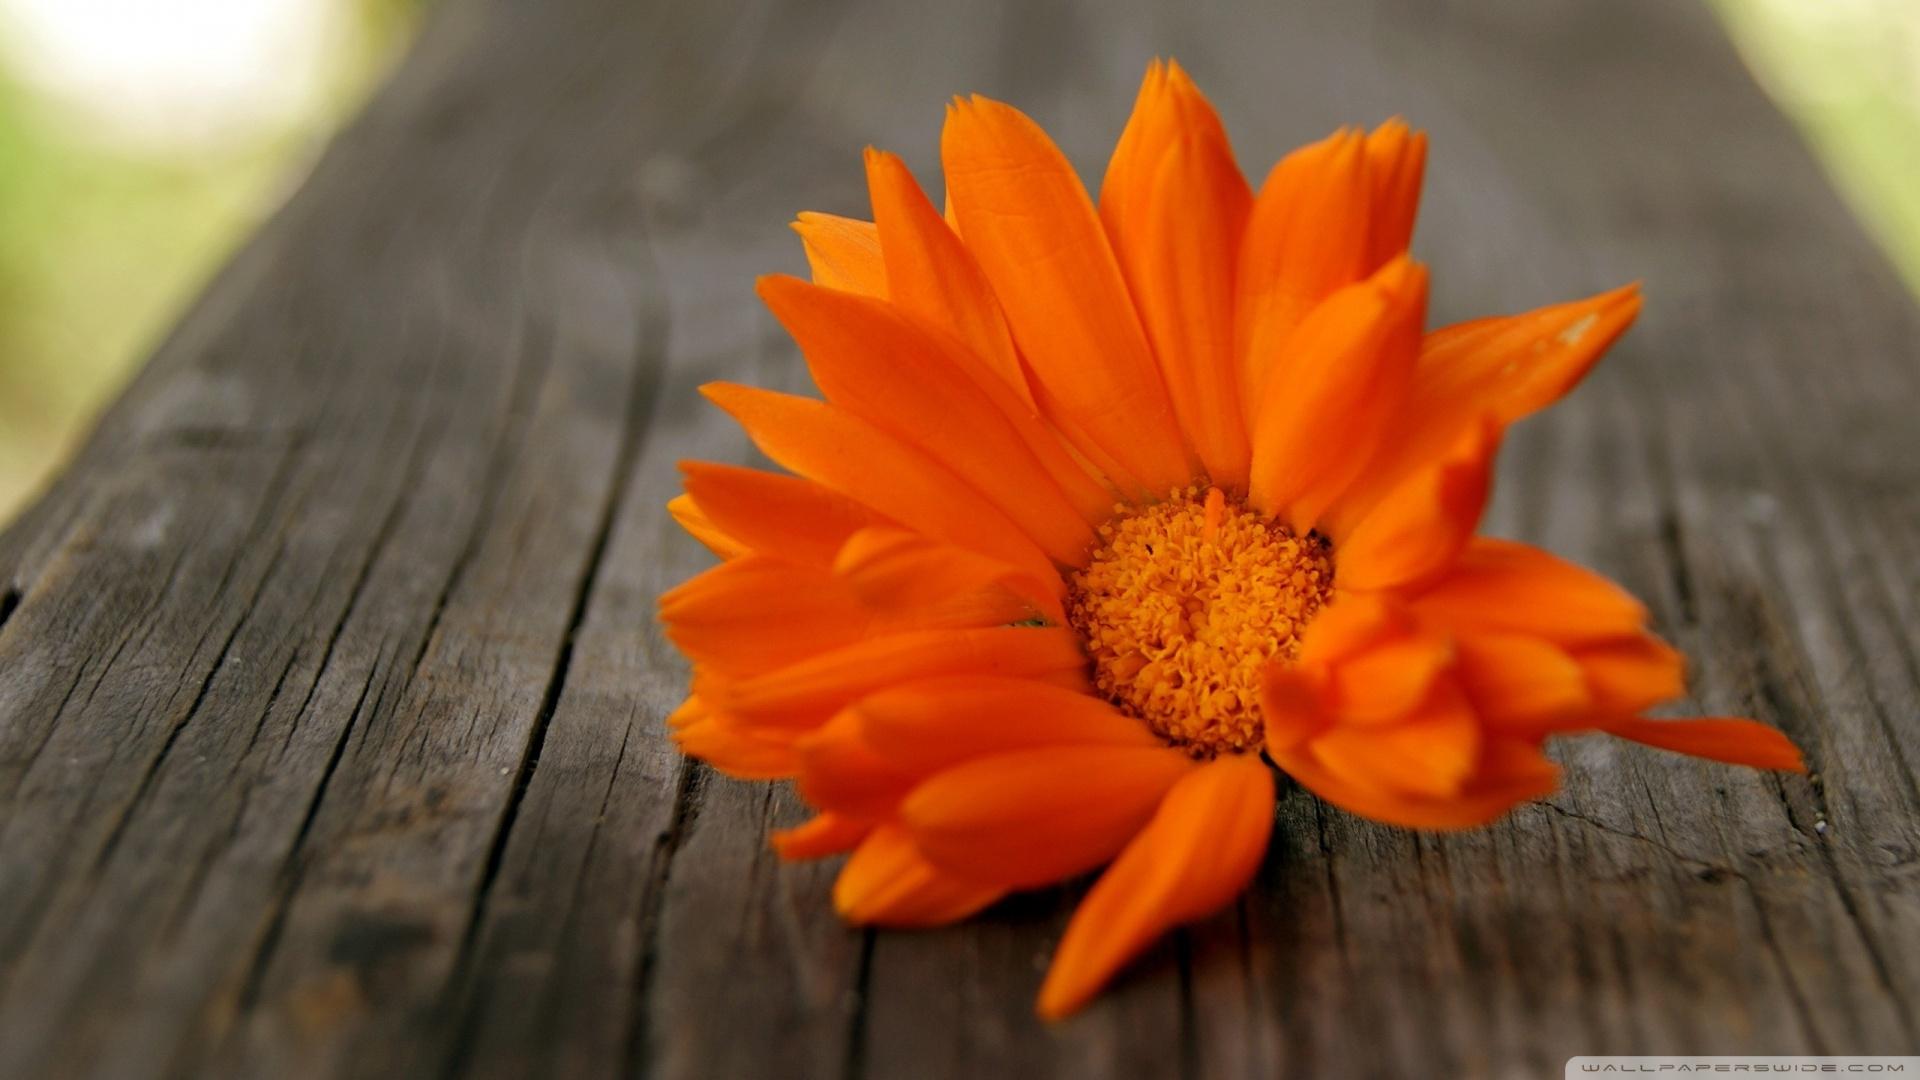 orange-flower-wallpaper1-1